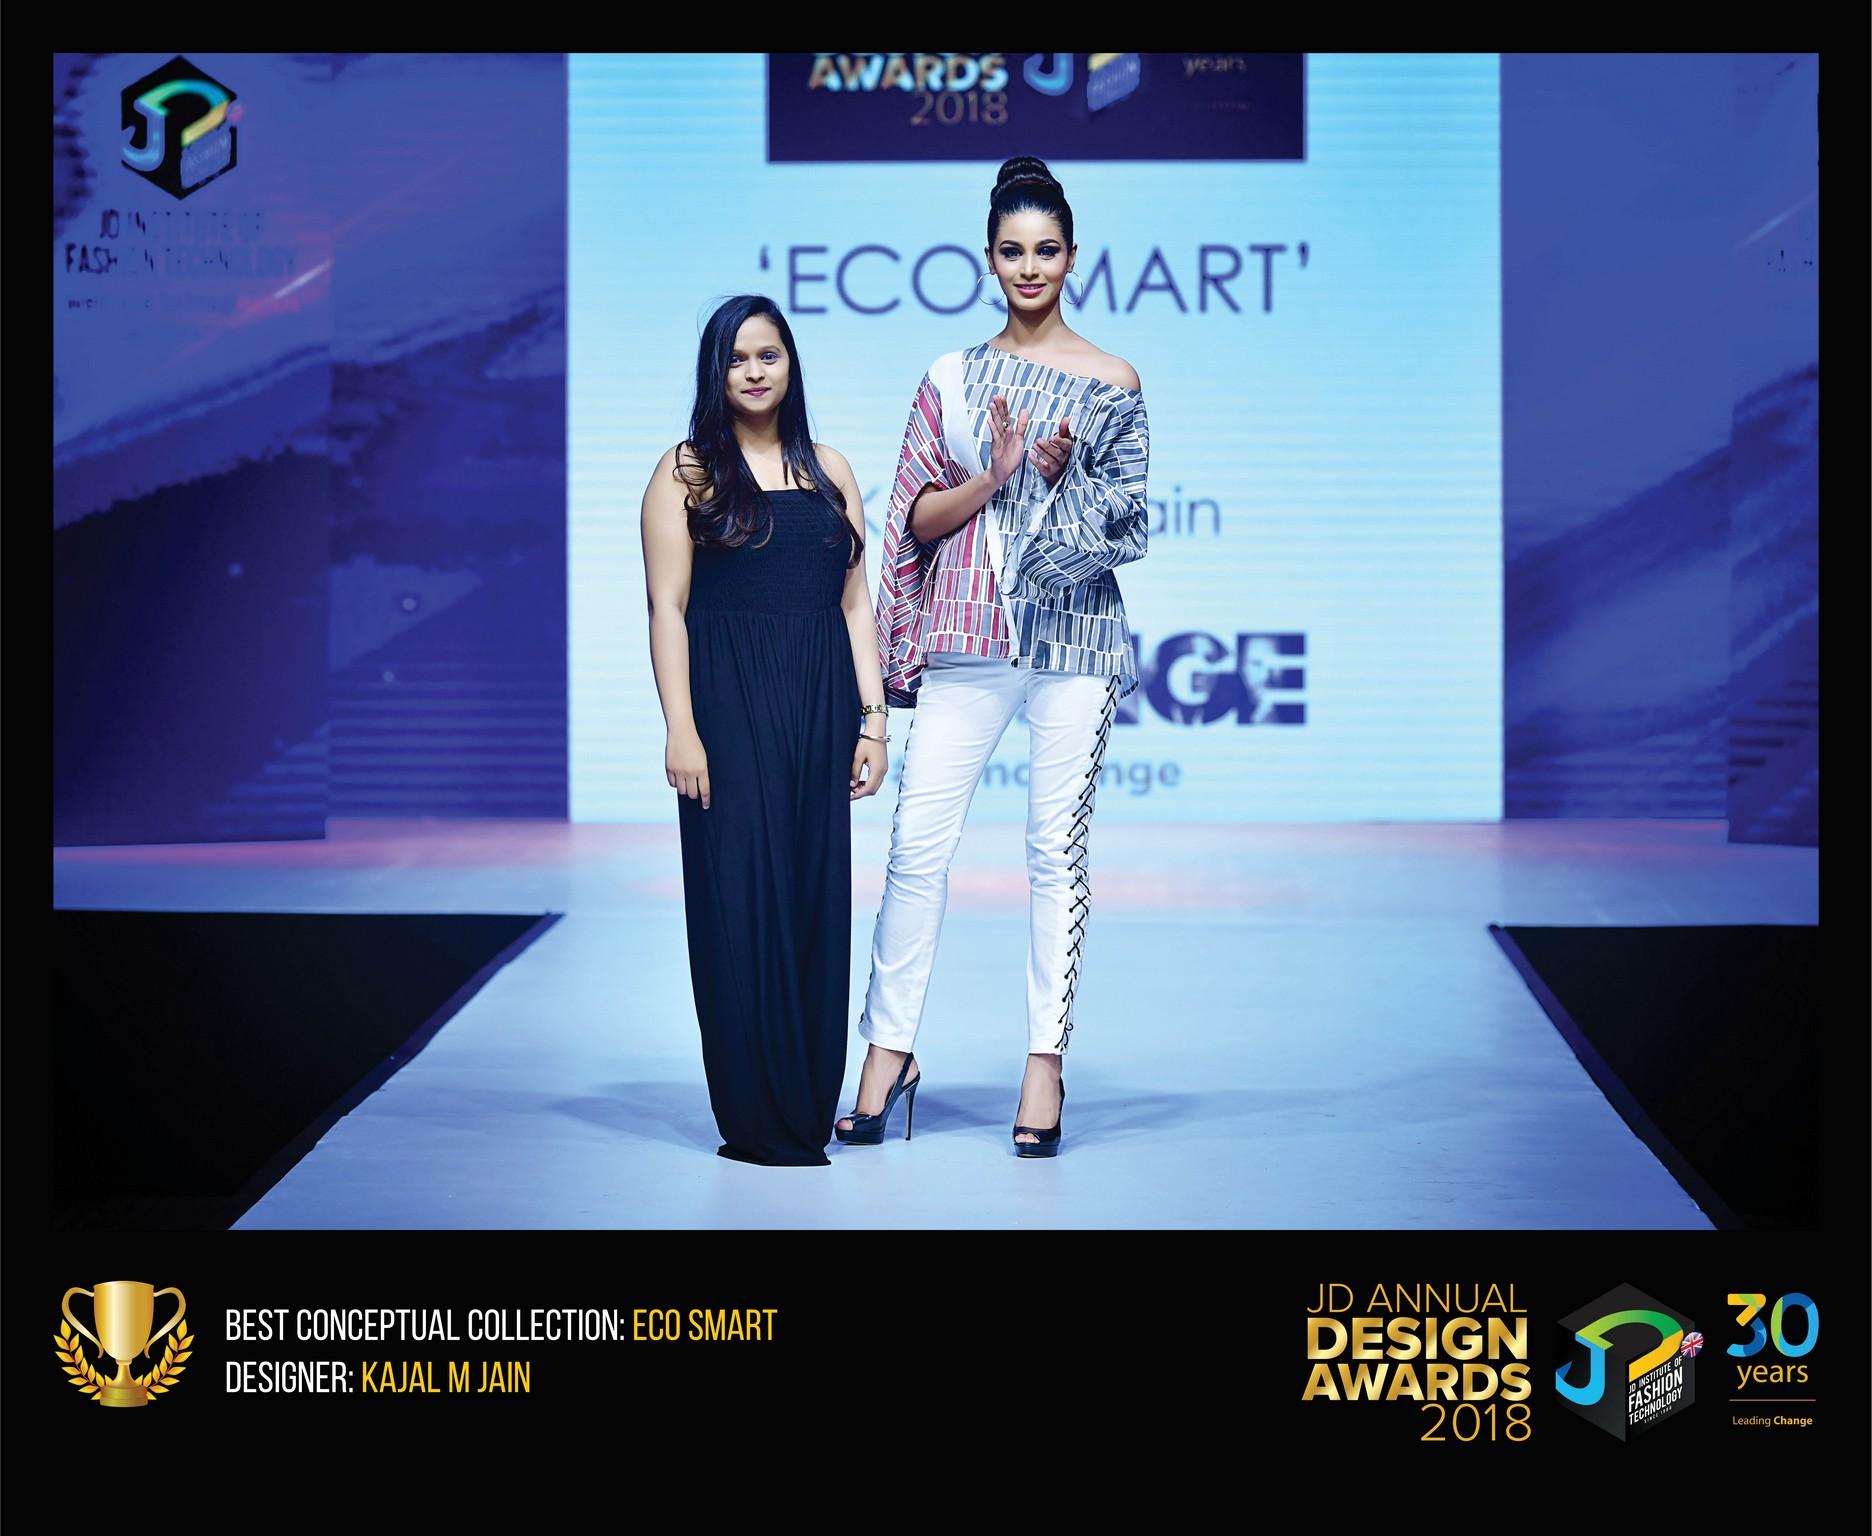 Eco Smart – Change – JD Annual Design Awards 2018 | Designer: Kajal Jain (ADFD 2015) | Photography : Jerin Nath (@jerin_nath) eco smart Eco Smart – Change – JD Annual Design Awards 2018 Eco Smart 10 Final